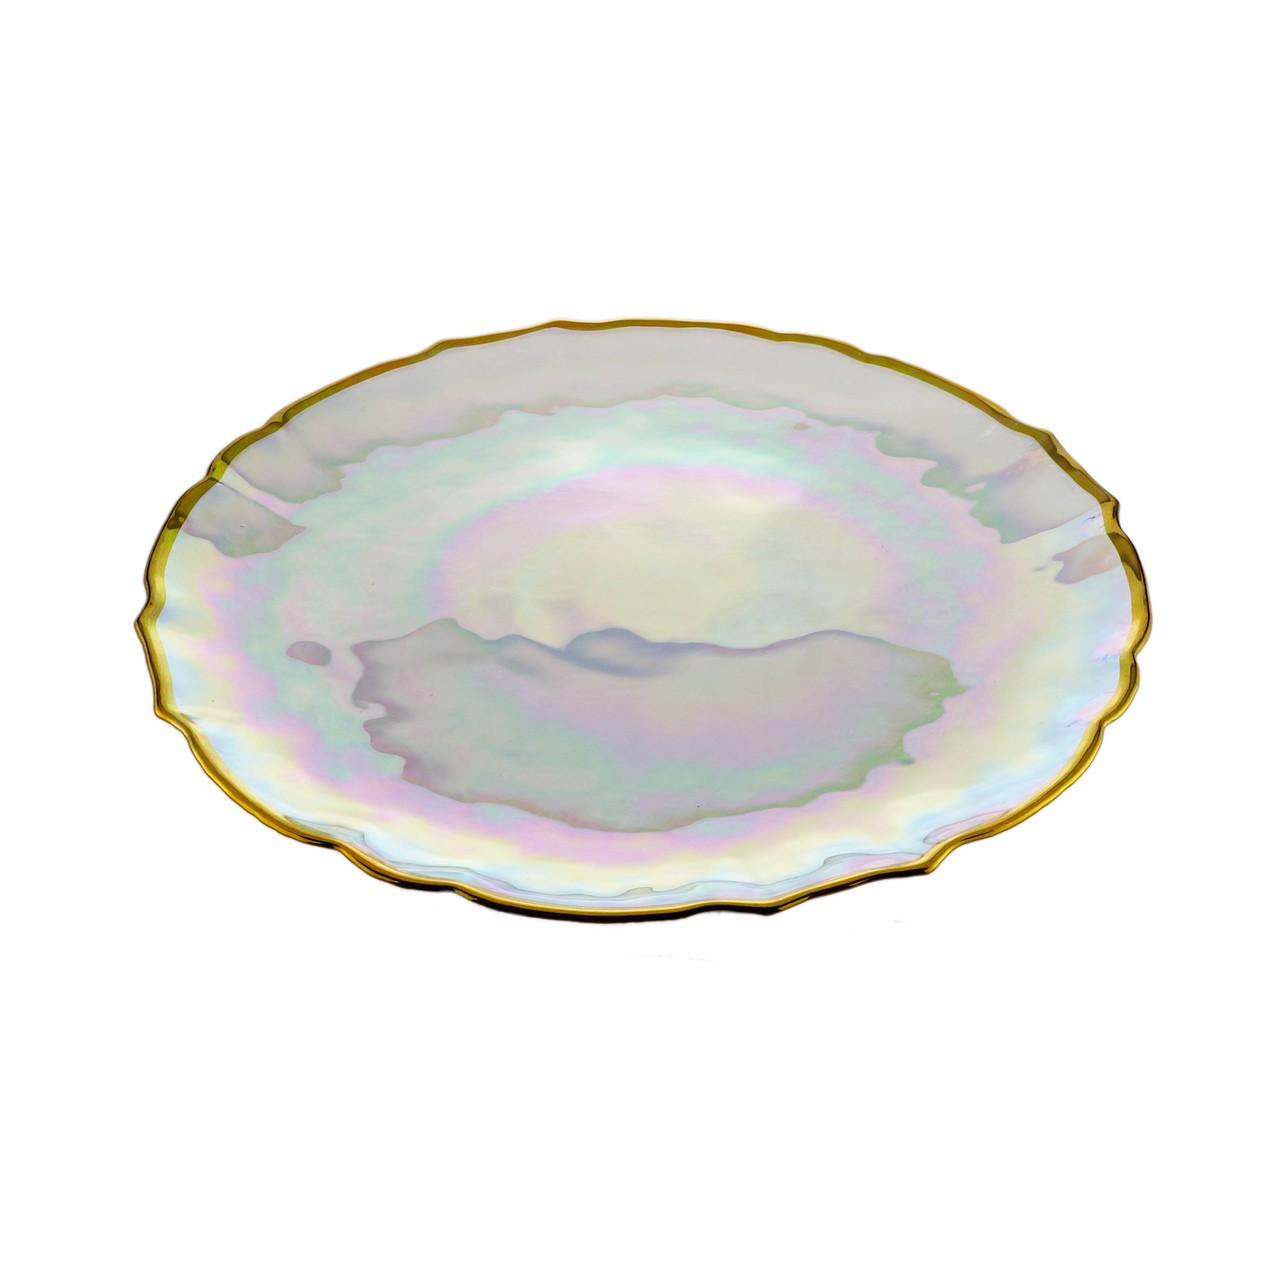 Prato de Bolo Rainbow com Borda Dourada 33cm